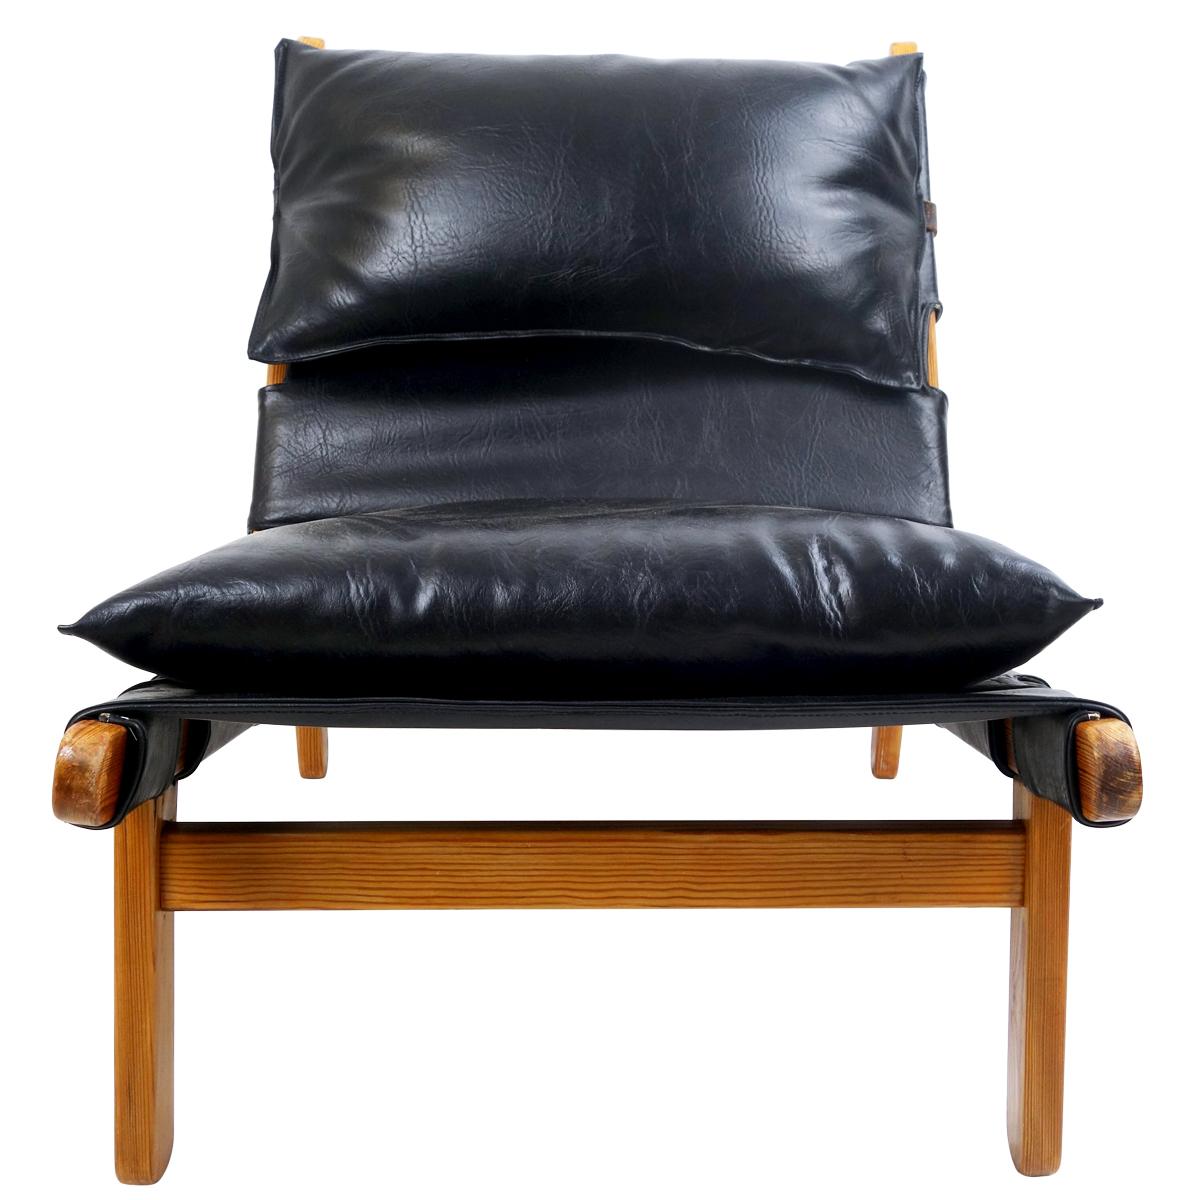 Furniture Doctor Decorum